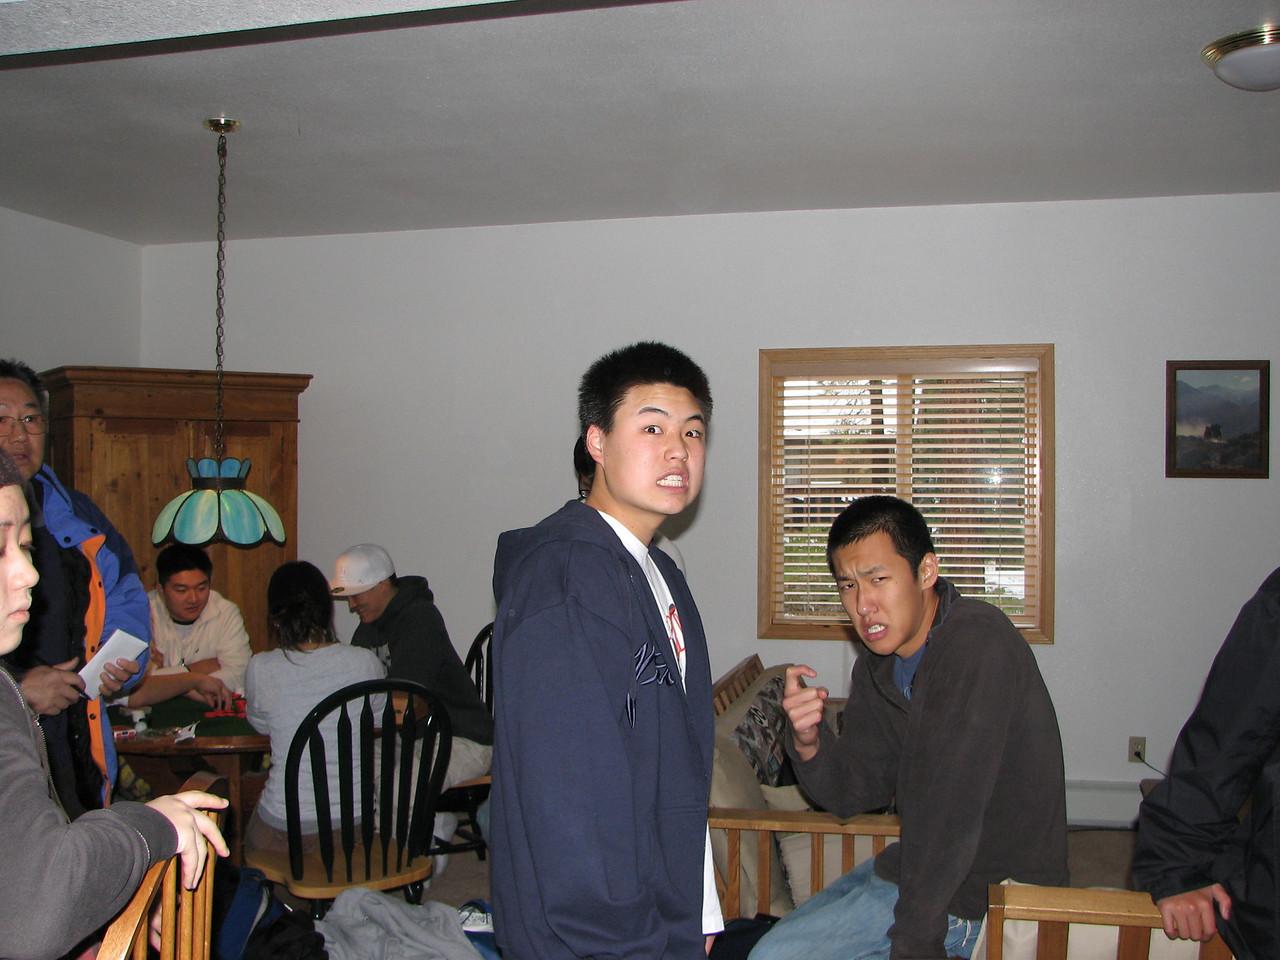 2006 12 20 Wed - Isaac Choi & Doug Kang search for trademark poses